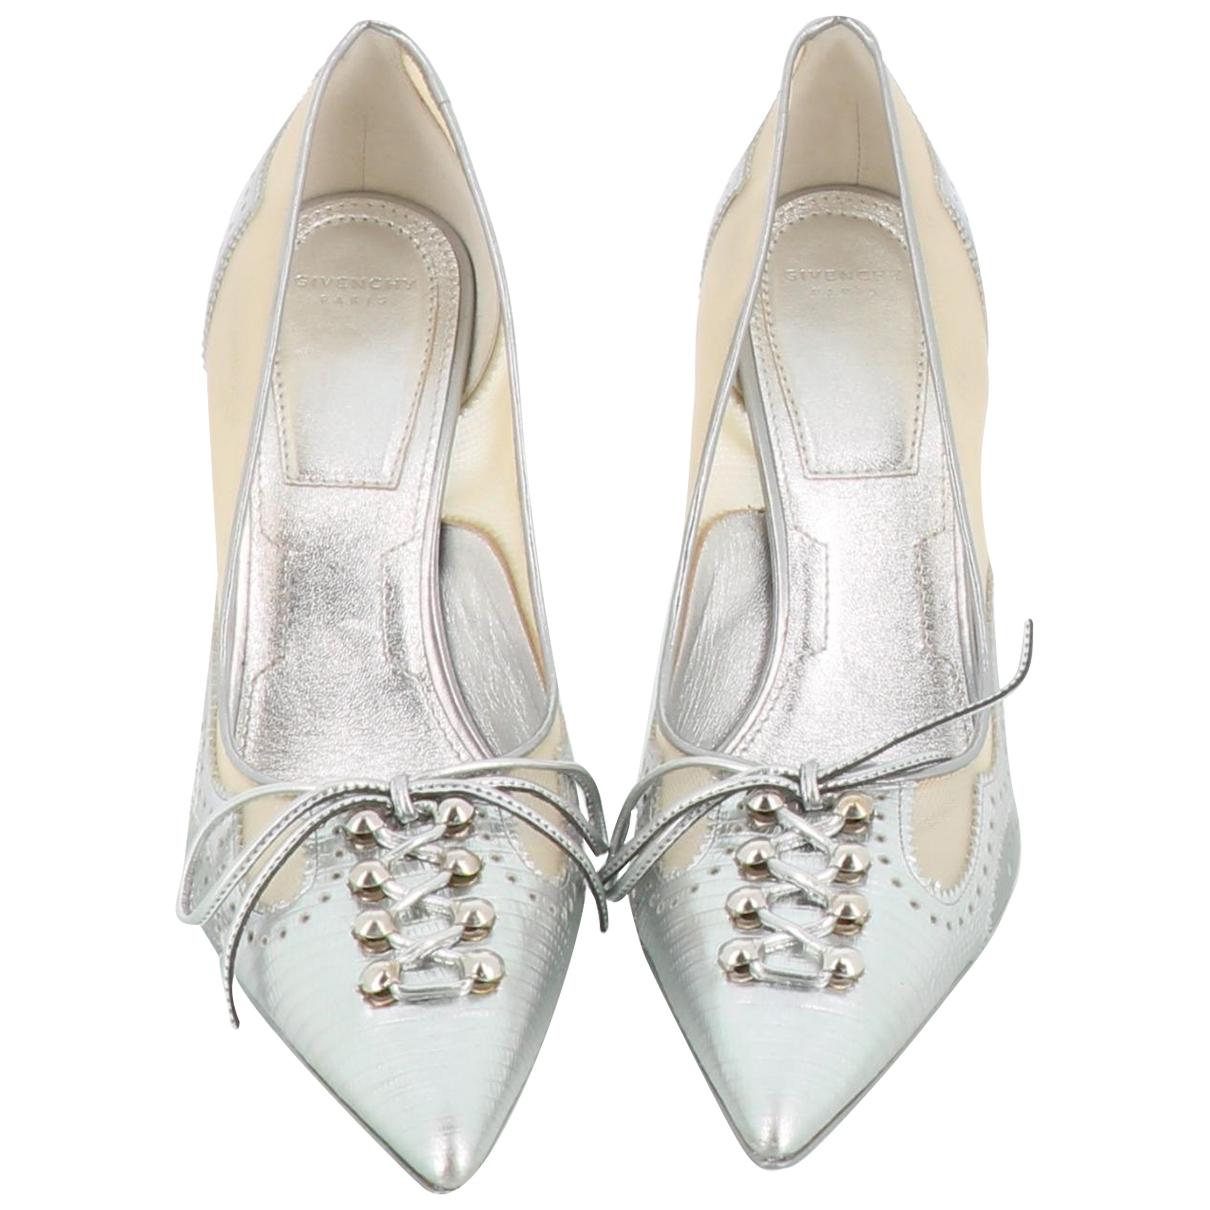 Givenchy \N Pumps in  Silber Leder